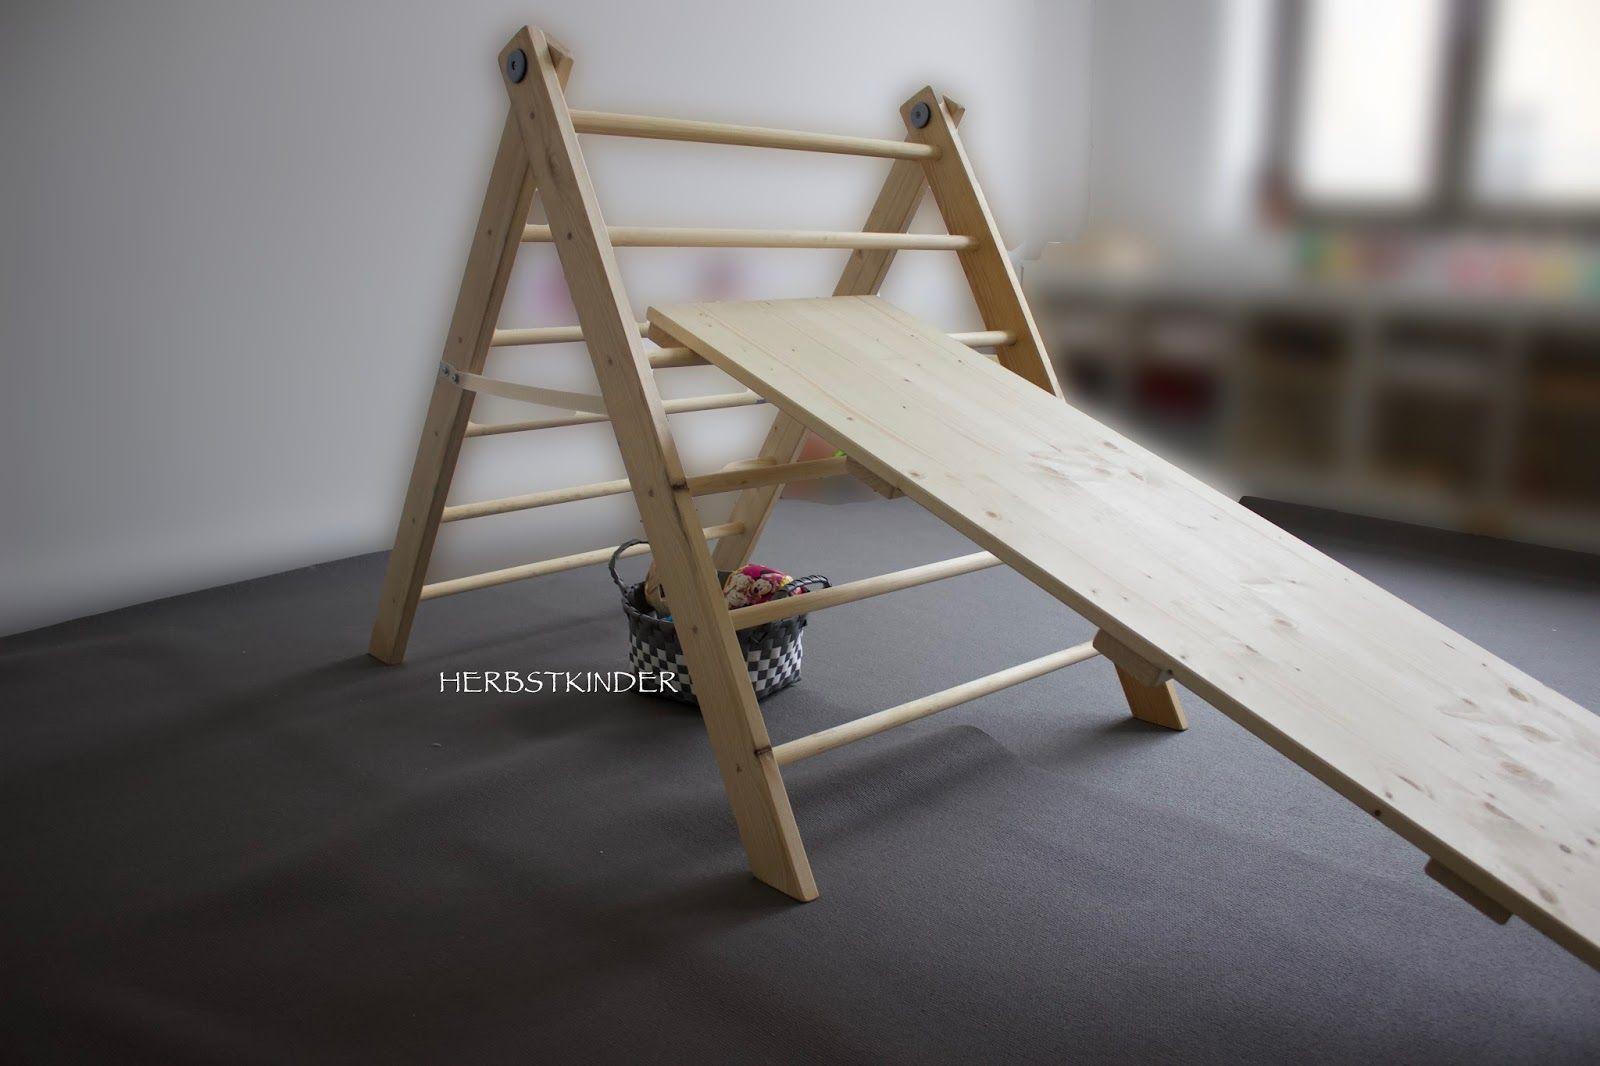 Kletterdreieck Bauen : Diy kletterdreieck herbstkinder pinterest